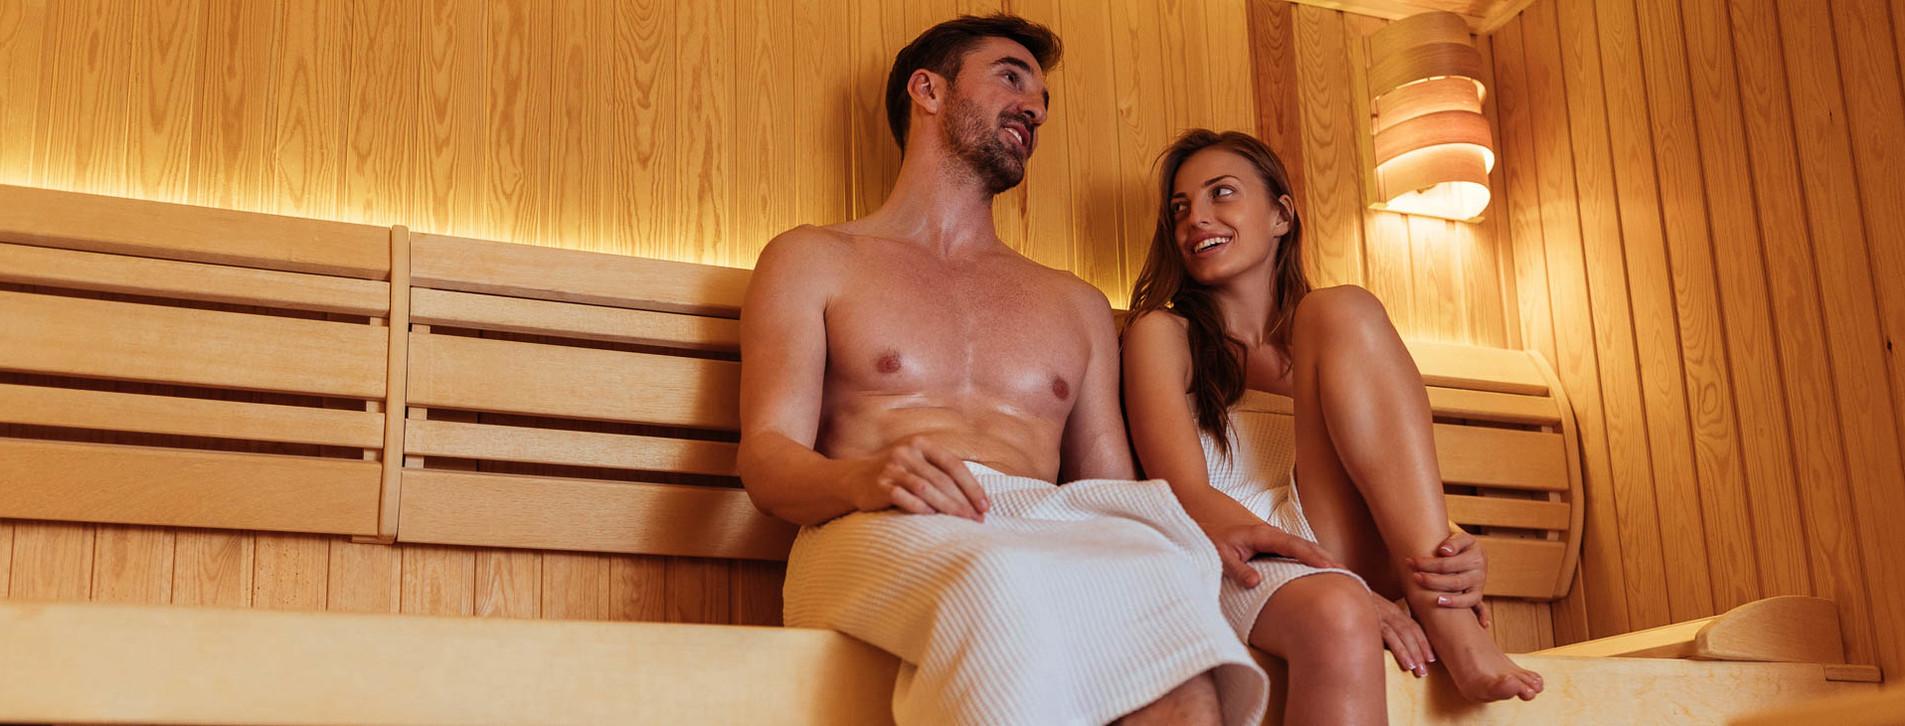 Фото - Славянская баня для двоих